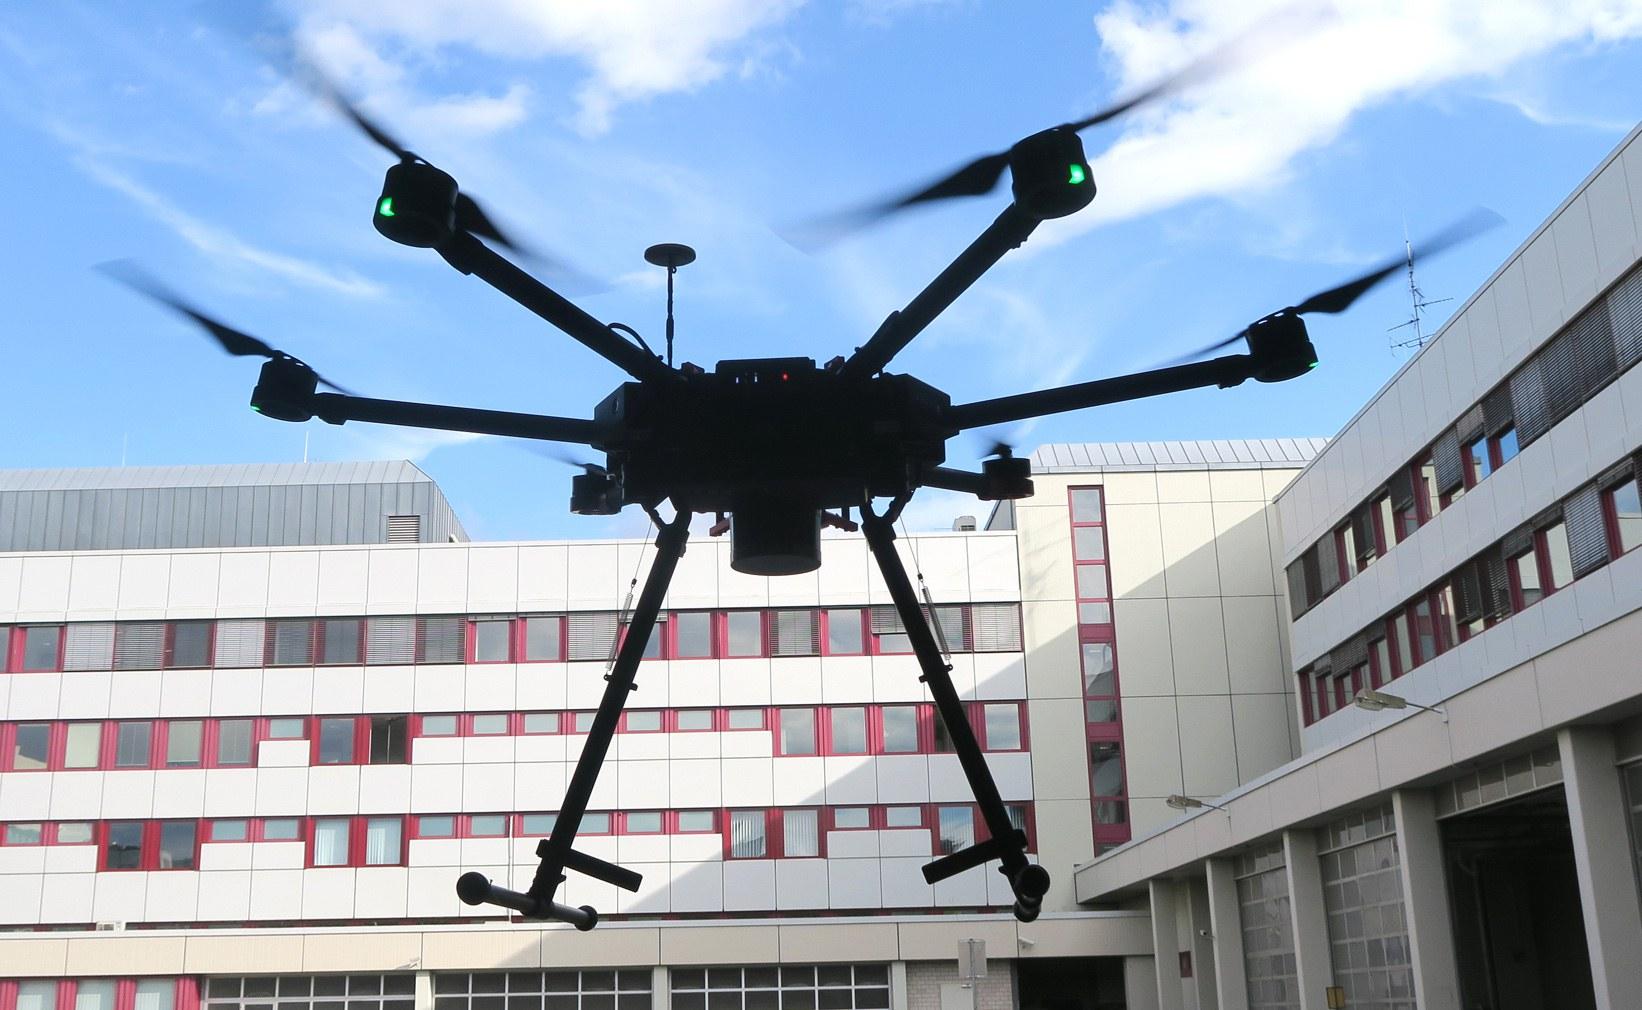 Flugroboter mit 3D-Laserscanner...